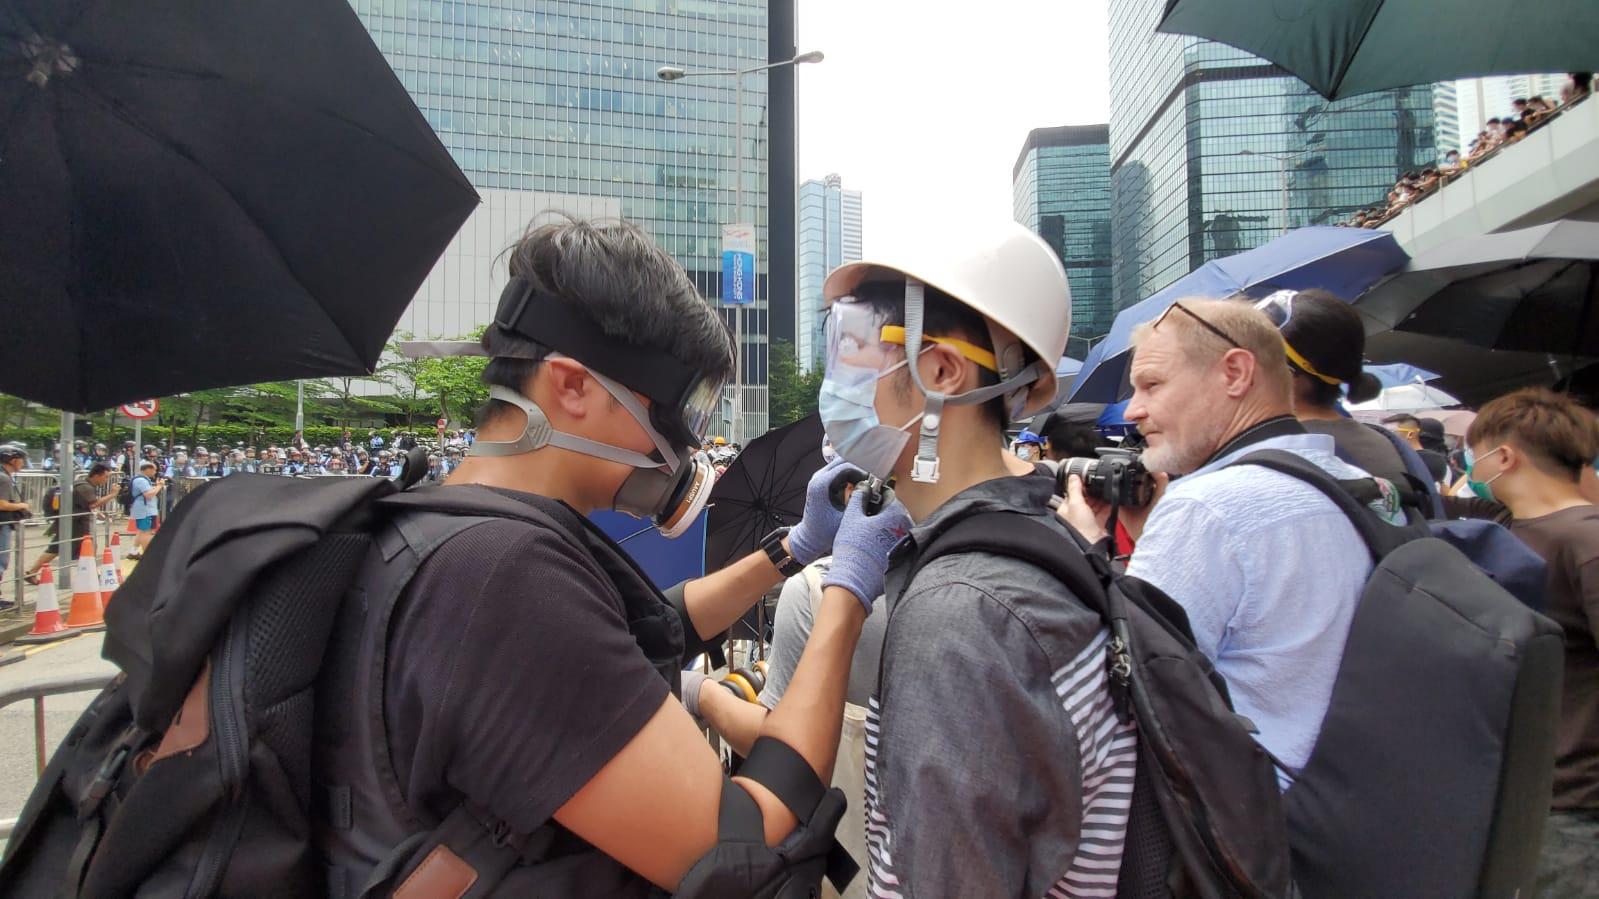 示威者帶備頭盔及口罩等。